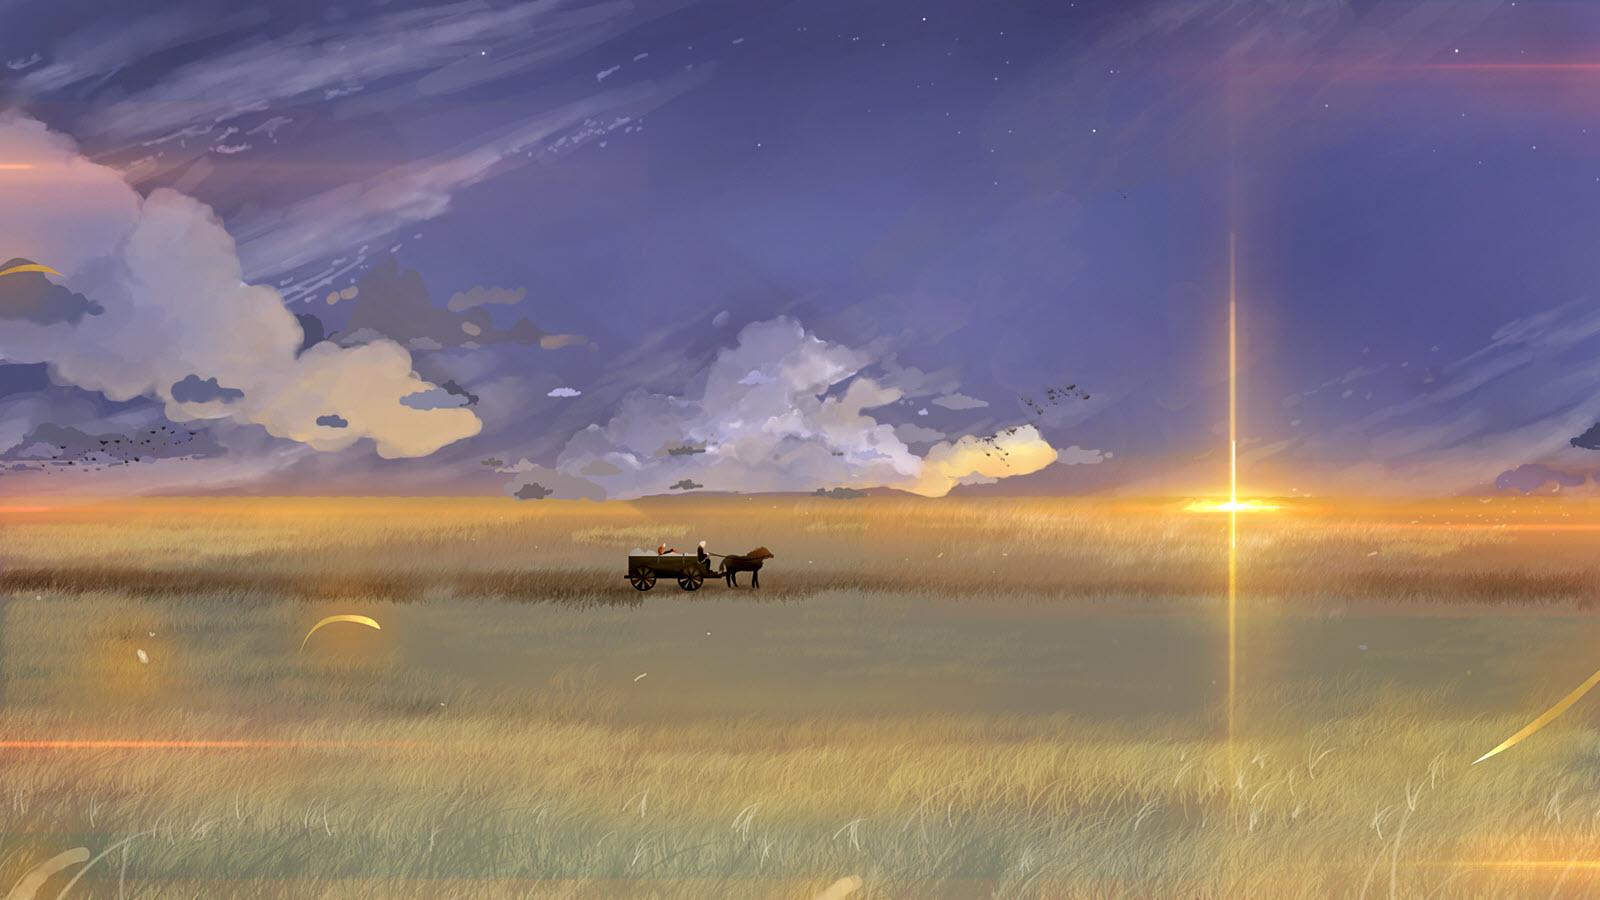 Anime phong cảnh bầu trời